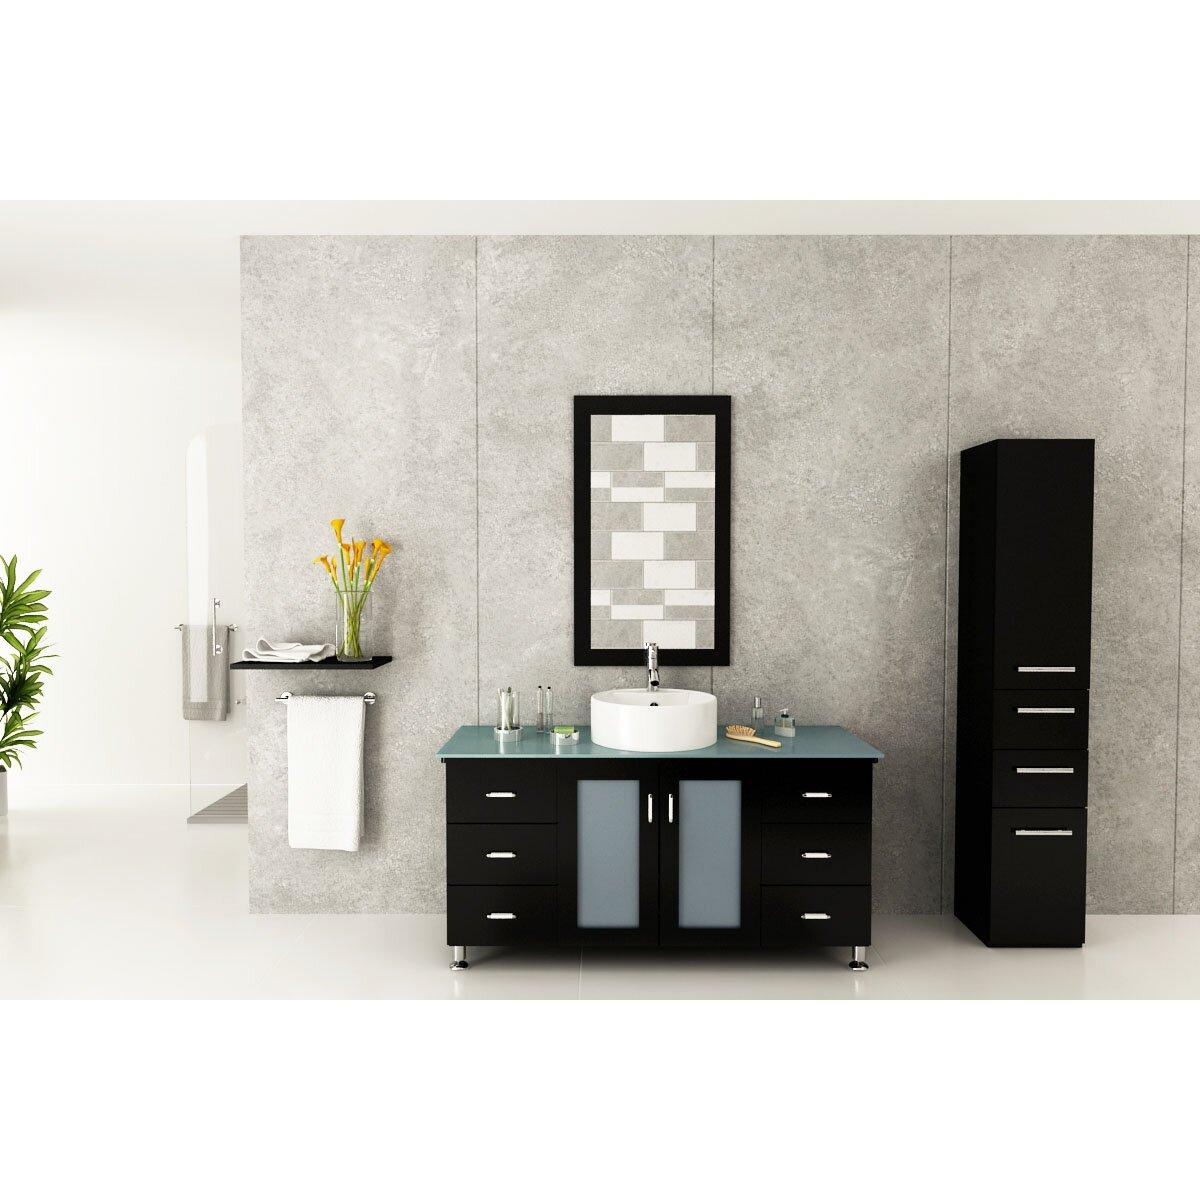 Jwh living grand lune 47 single vessel modern bathroom vanity set wayfair - Linden modern bathroom vanity set ...